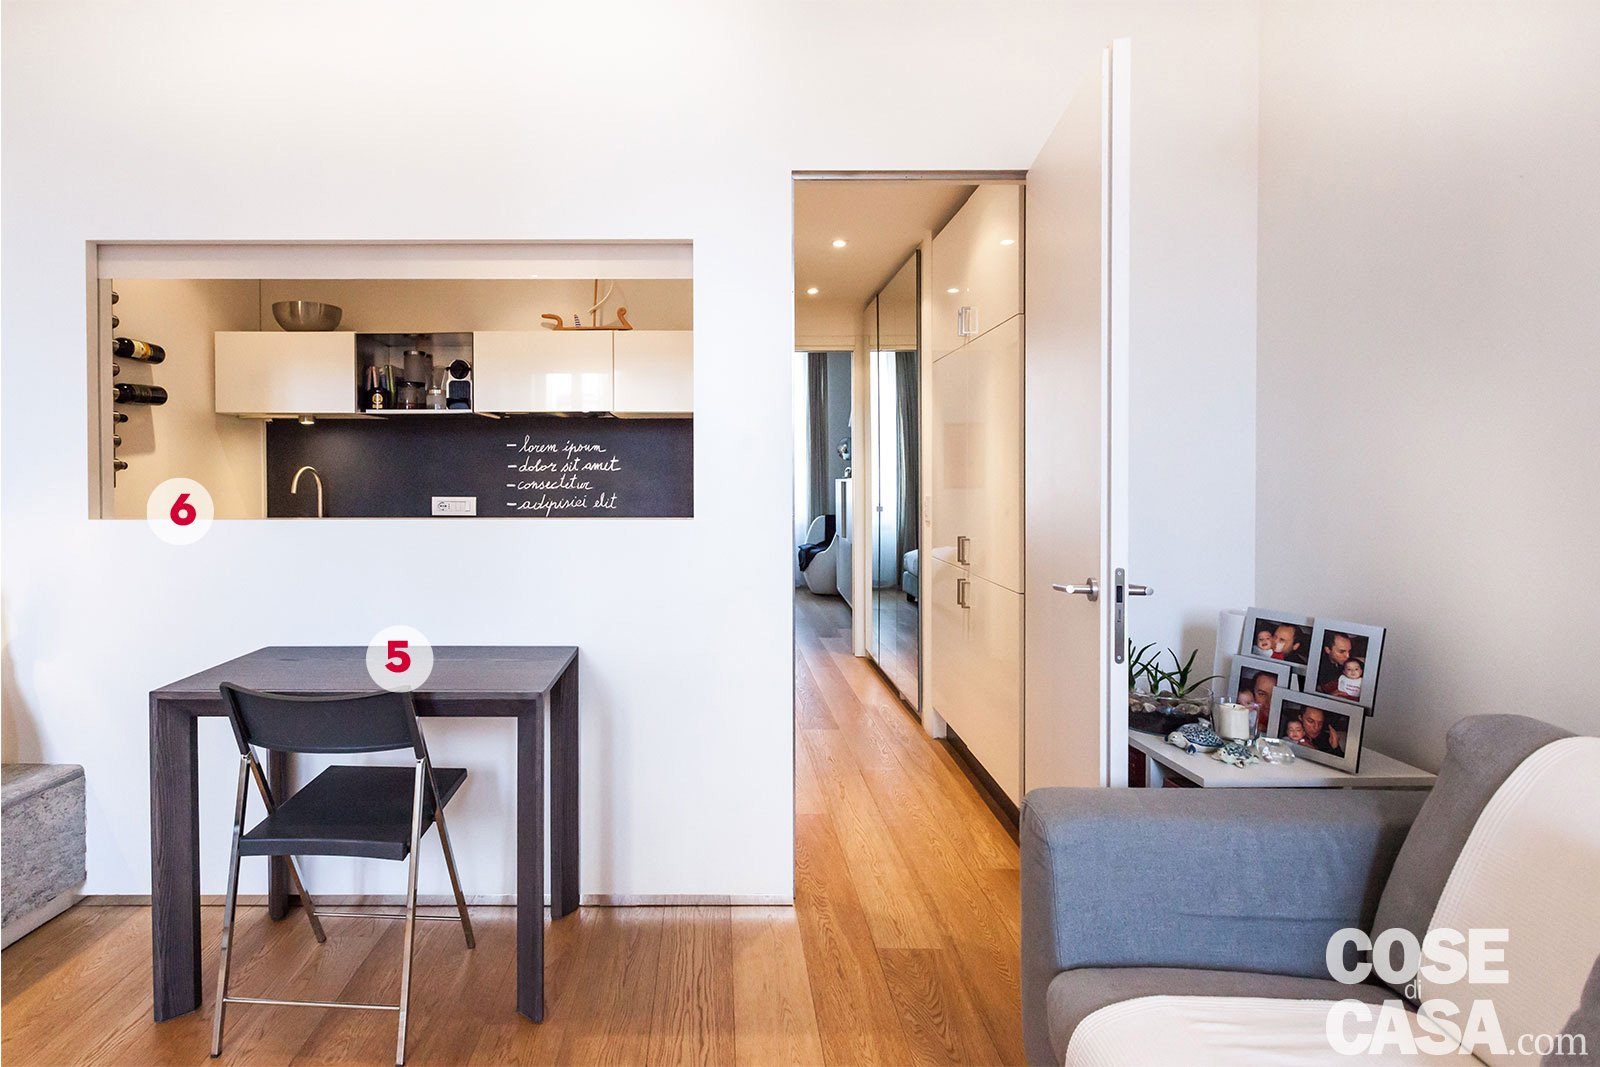 50 mq con soluzioni d 39 arredo salvaspazio cose di casa - Cucina aperta sul soggiorno ...